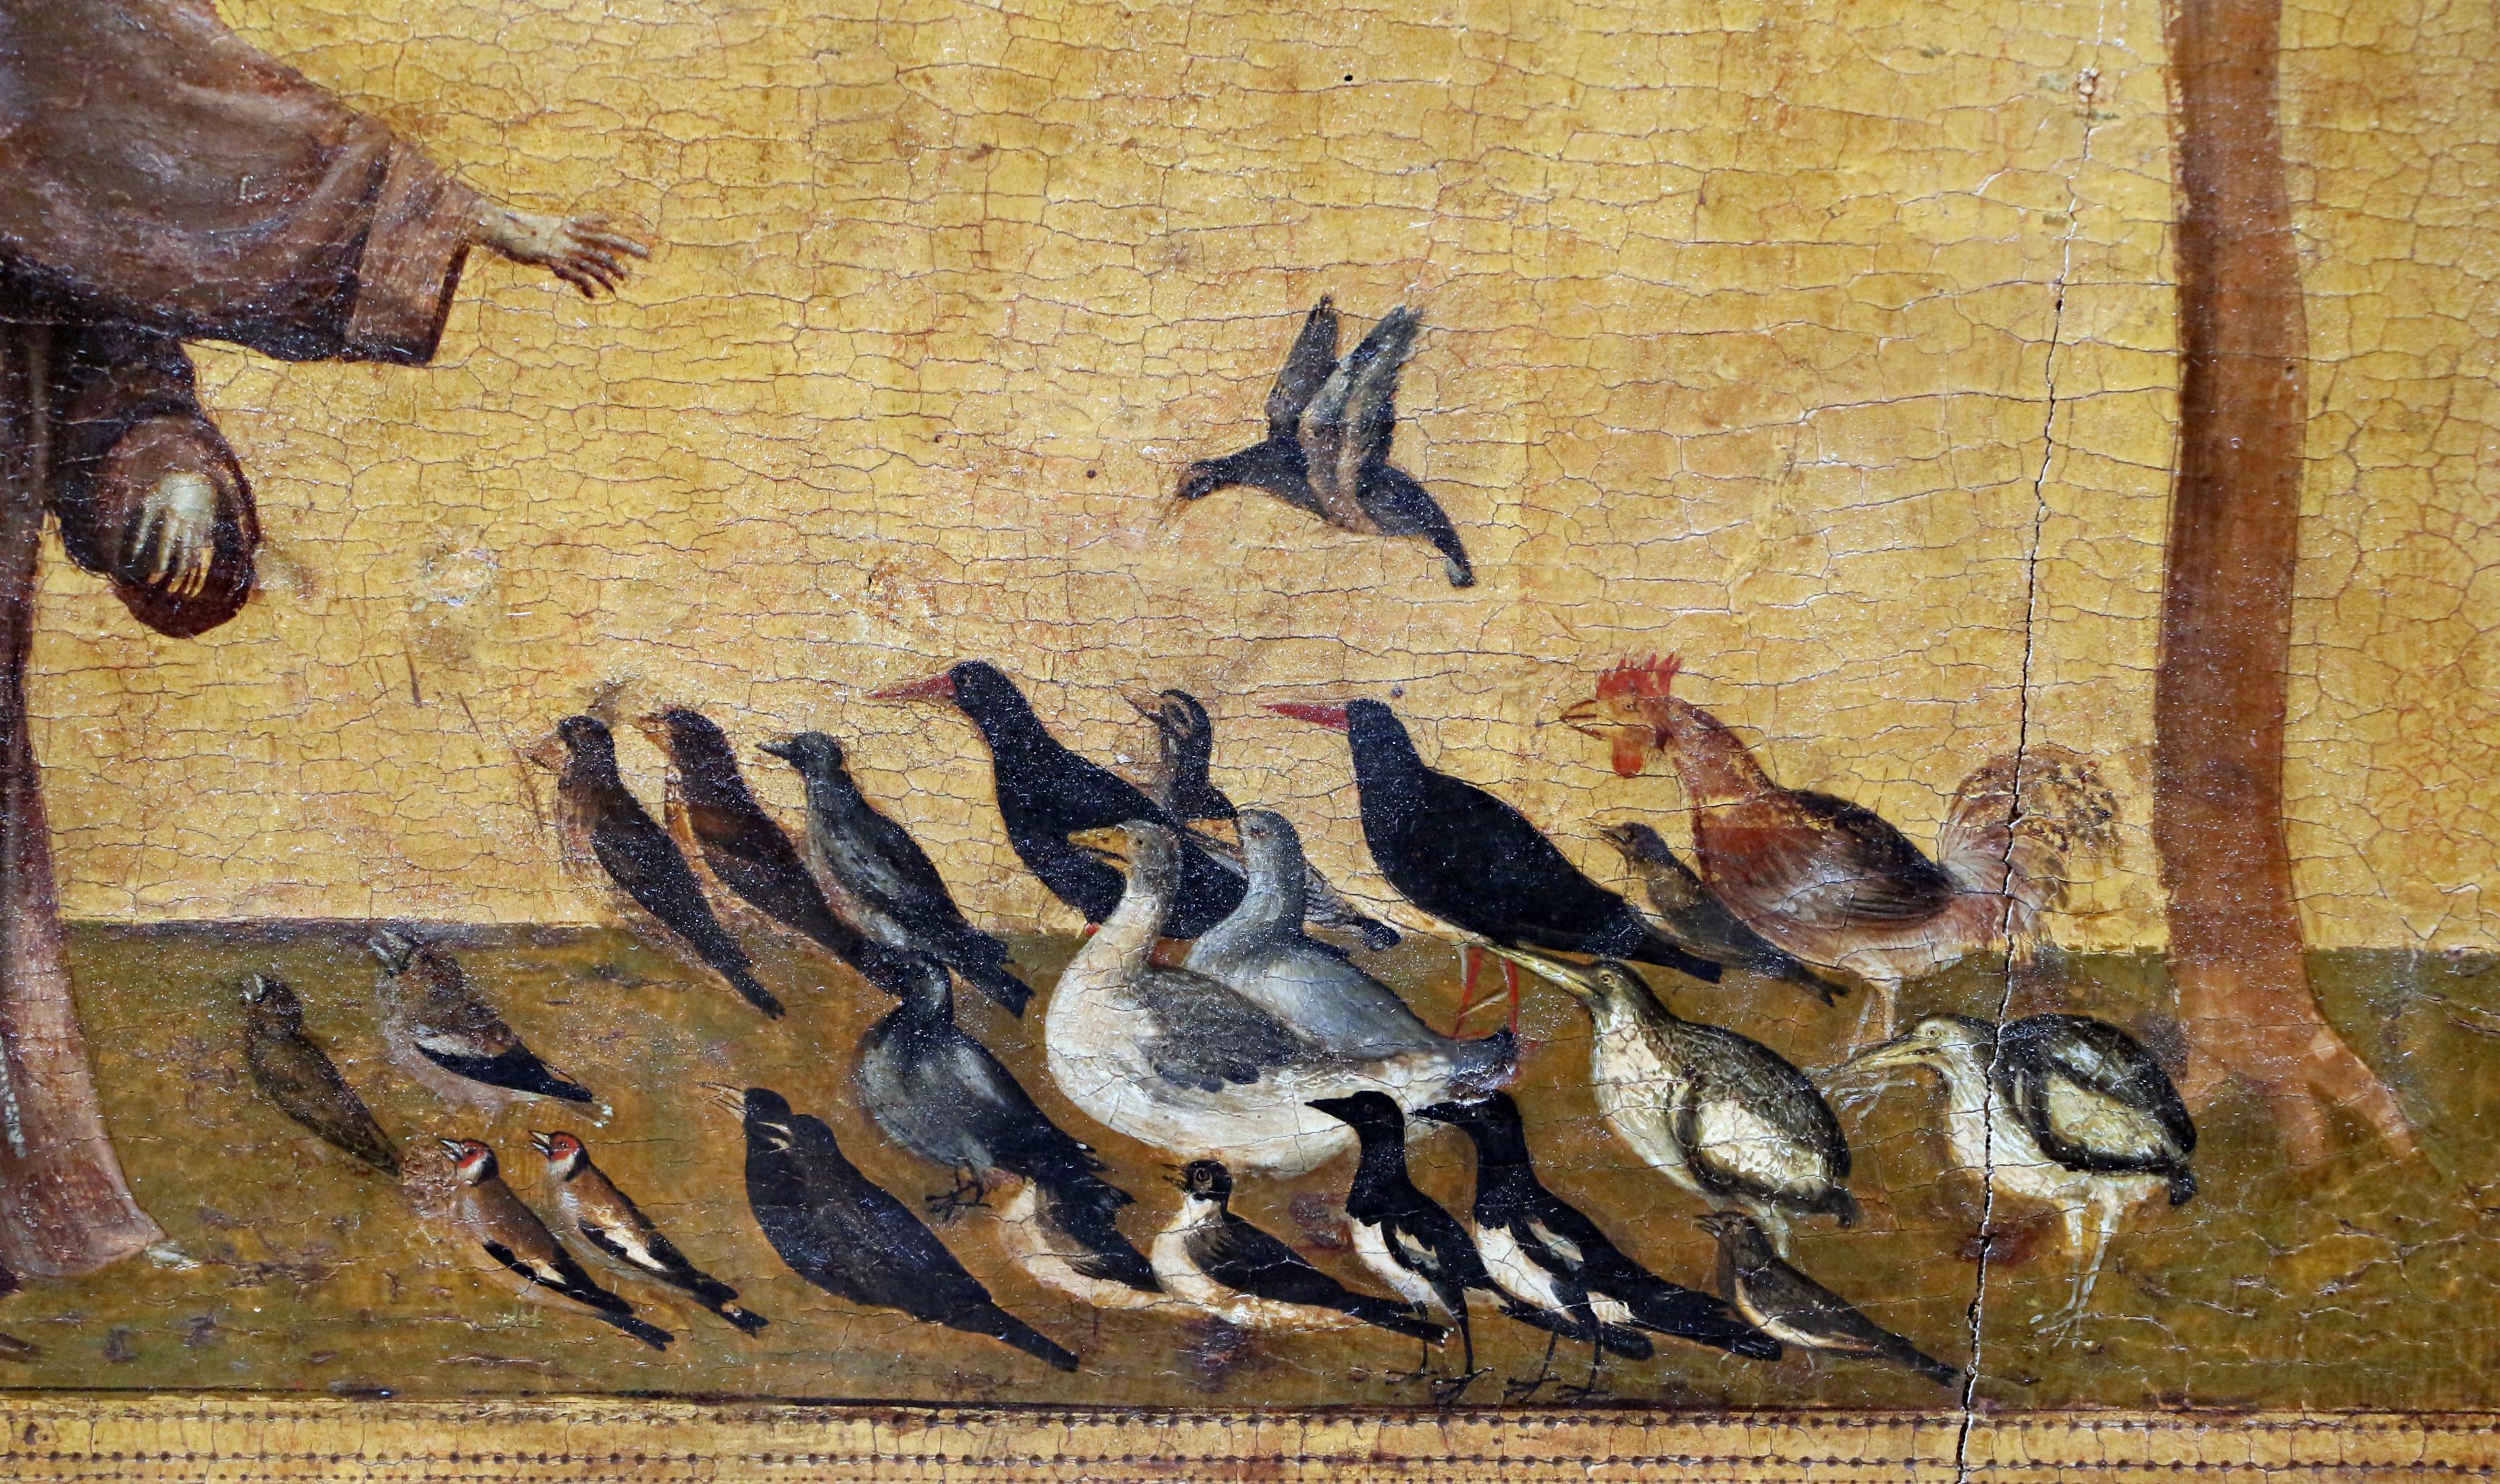 File:Giotto, predica agli uccelli, 1297-99 ca., 02.